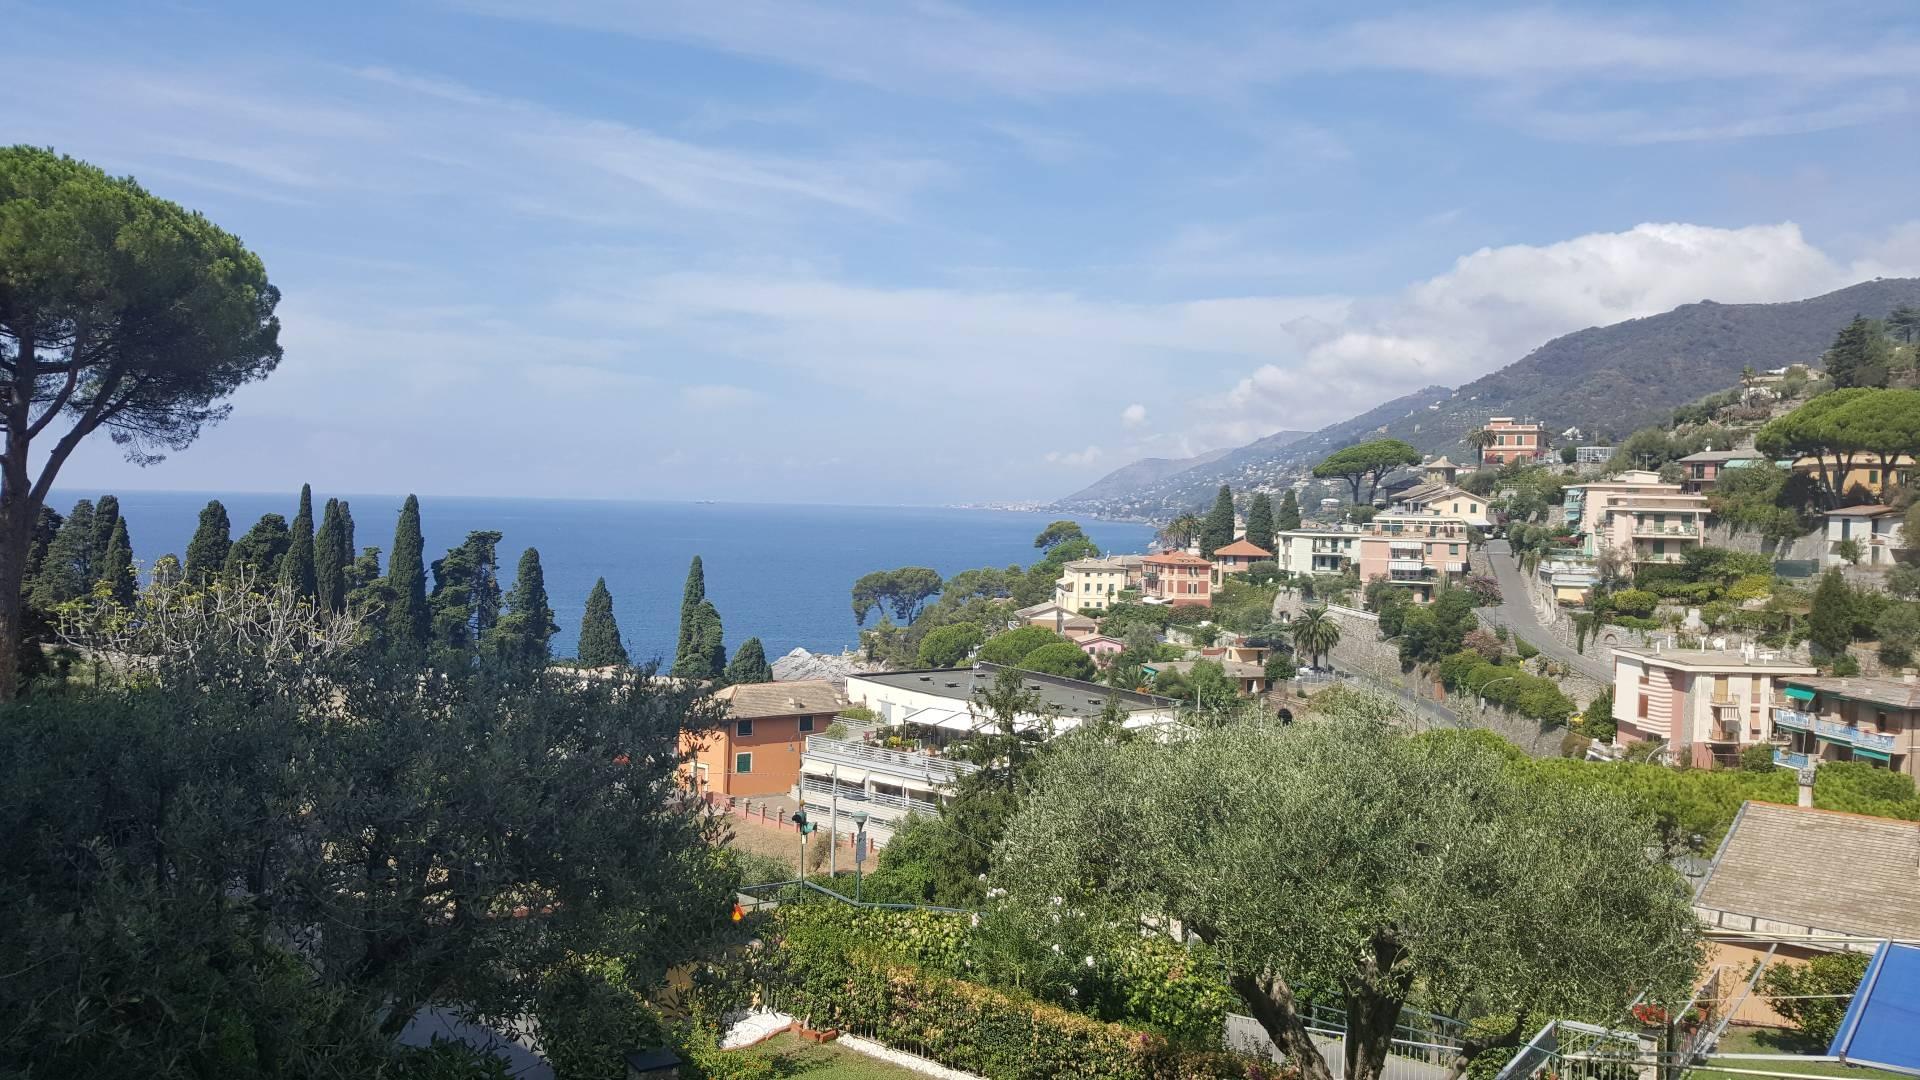 Affitti Appartamenti Liguria